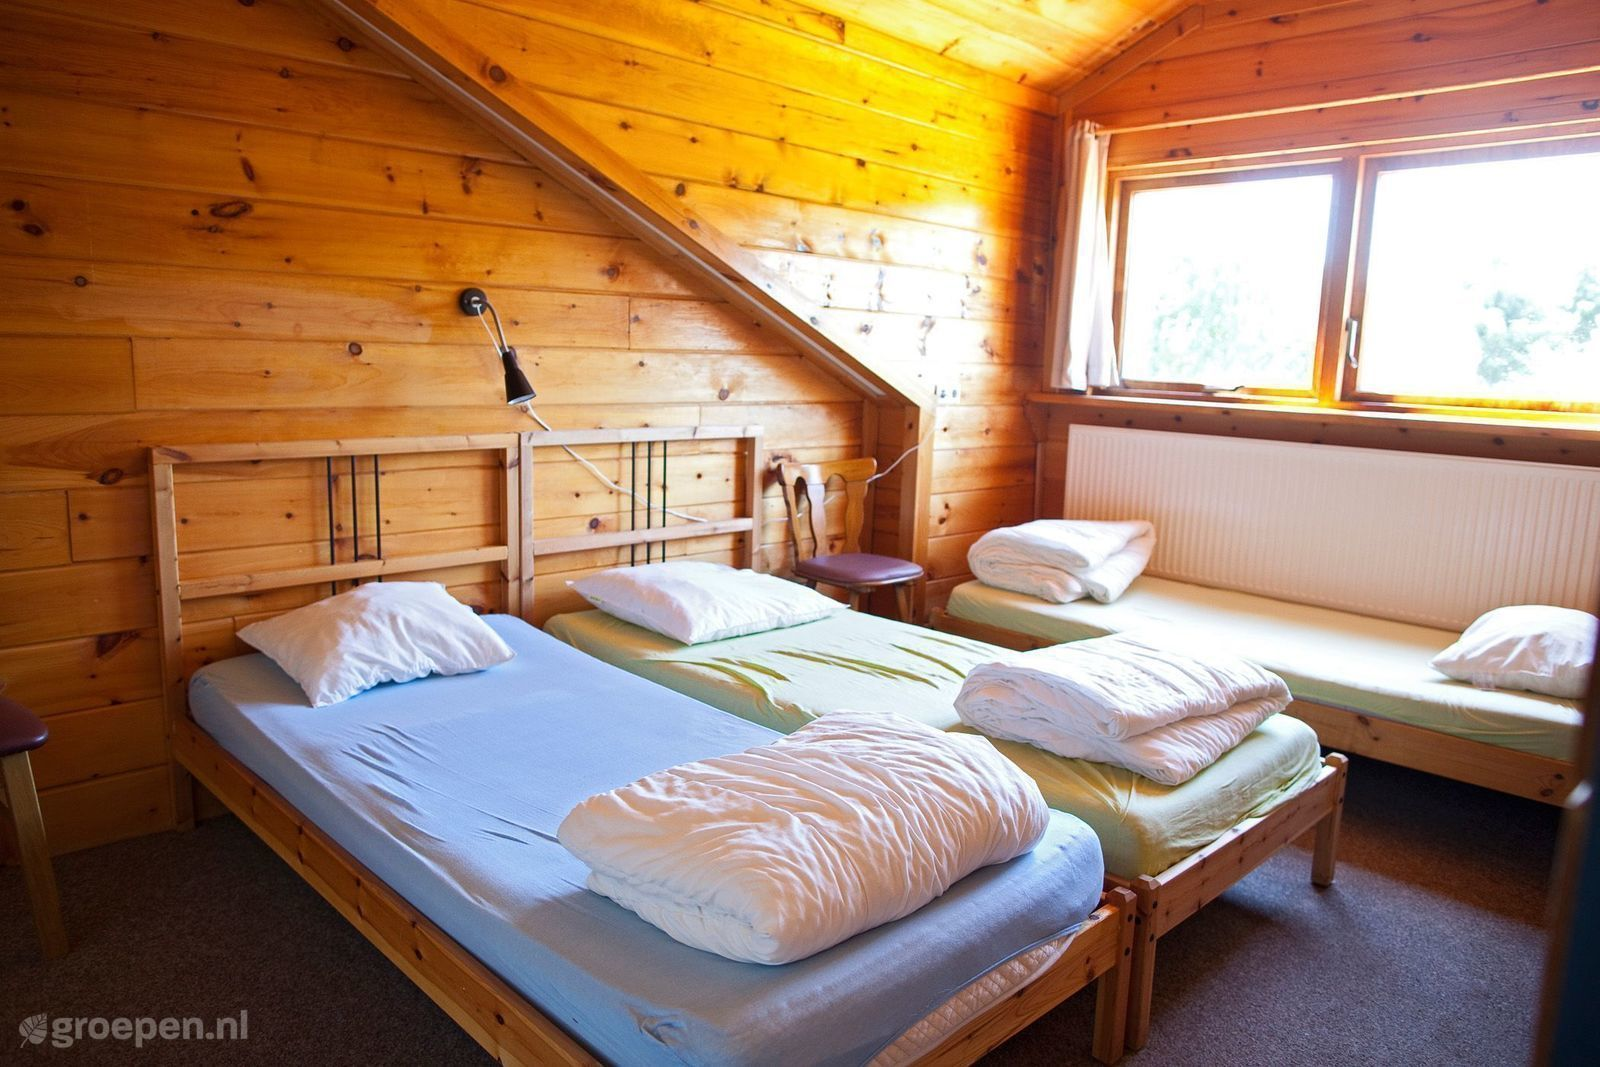 Groepsaccommodatie Klijndijk - Nederland - Drenthe - 38 personen - slaapkamer